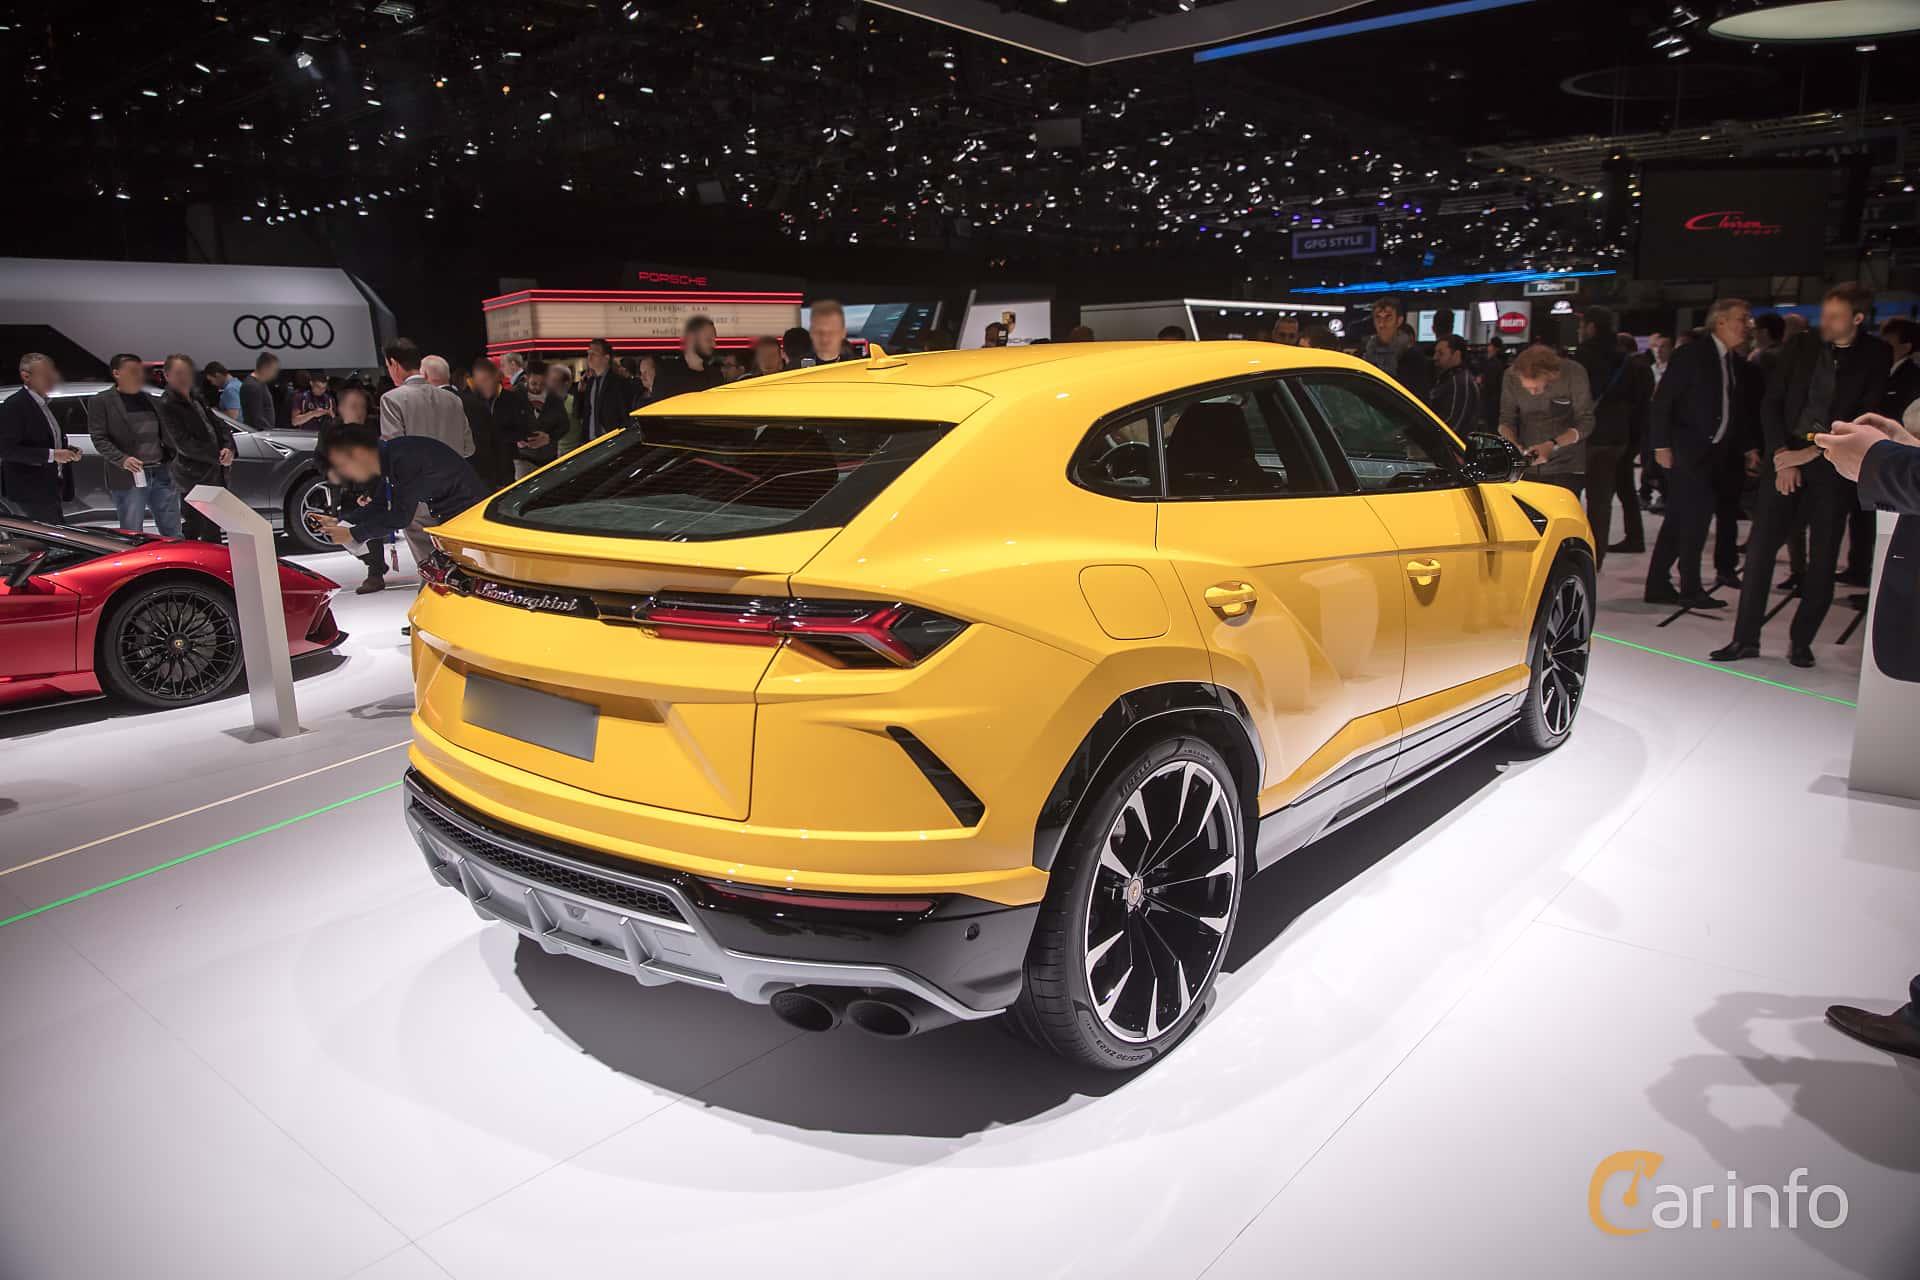 Lamborghini Urus 4.0 V8 AWD Automatic, 650hp, 2018 at Geneva Motor Show 2018